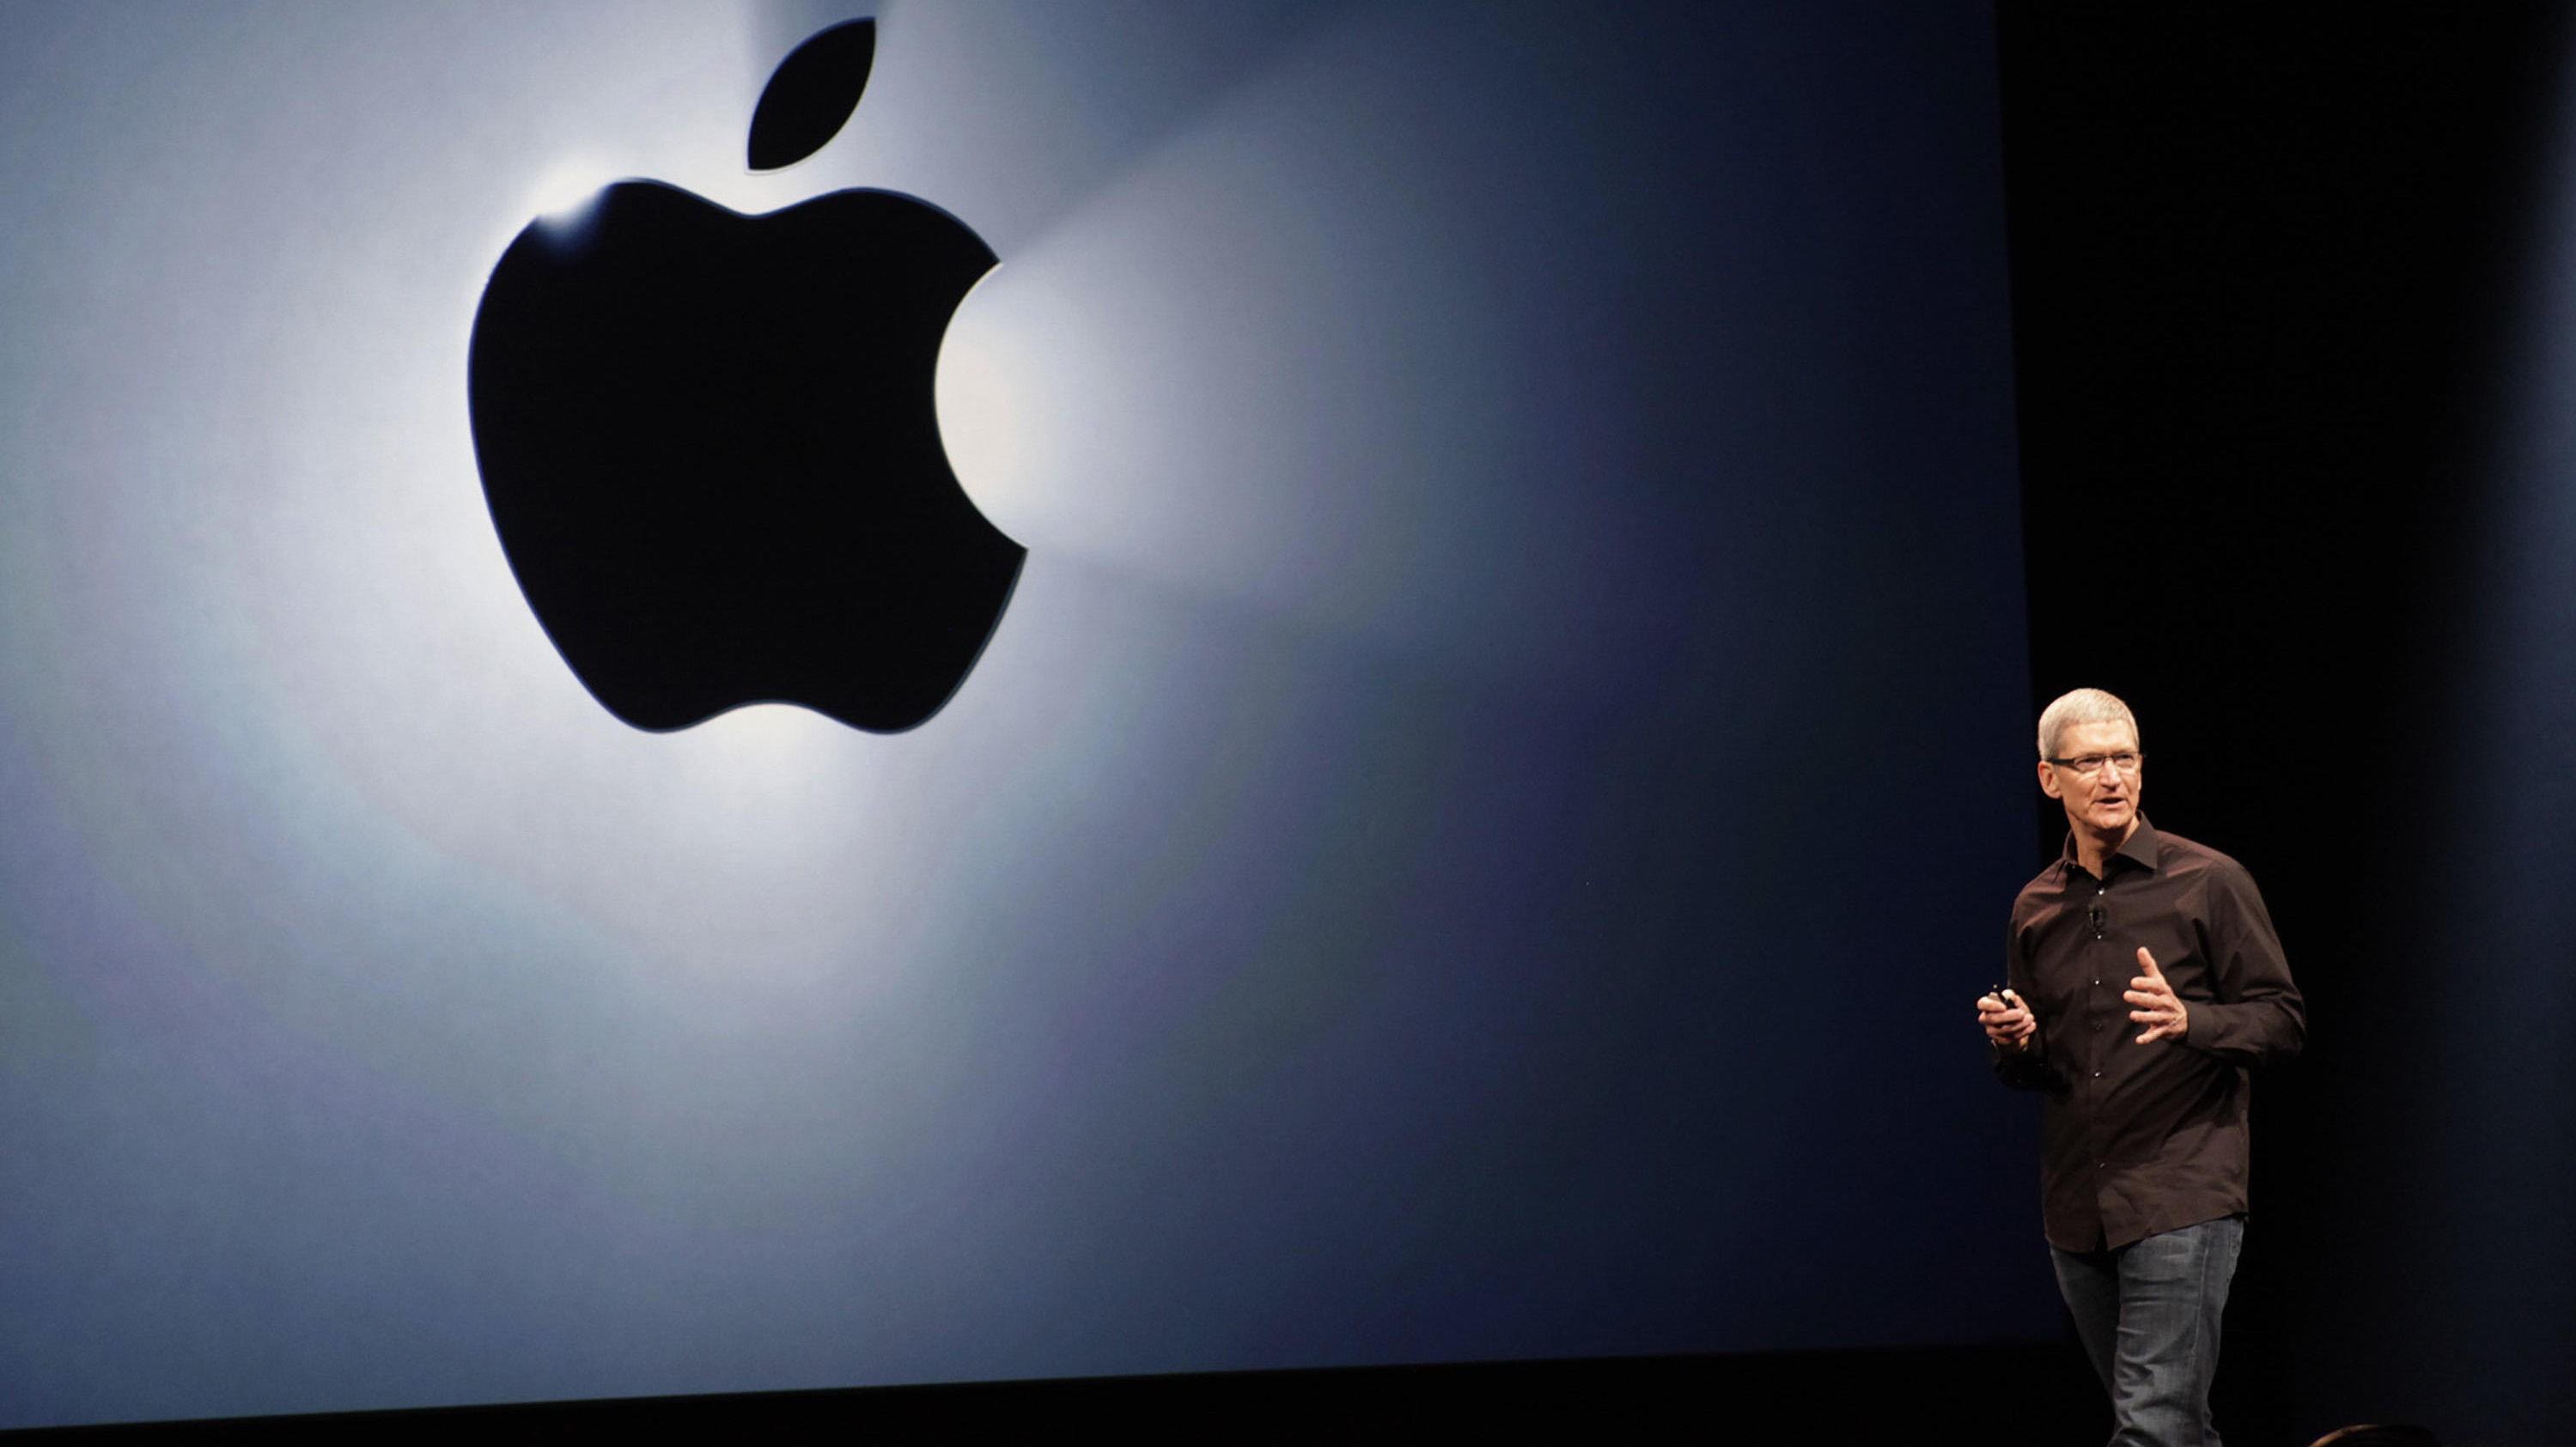 IPHONE 8: Når applesjef Tim Cook inntar scenen for å annonsere iPhone 8 senere i 2017, er det etter ryktene en mobil med omfattende designendringer han vil vise fram.